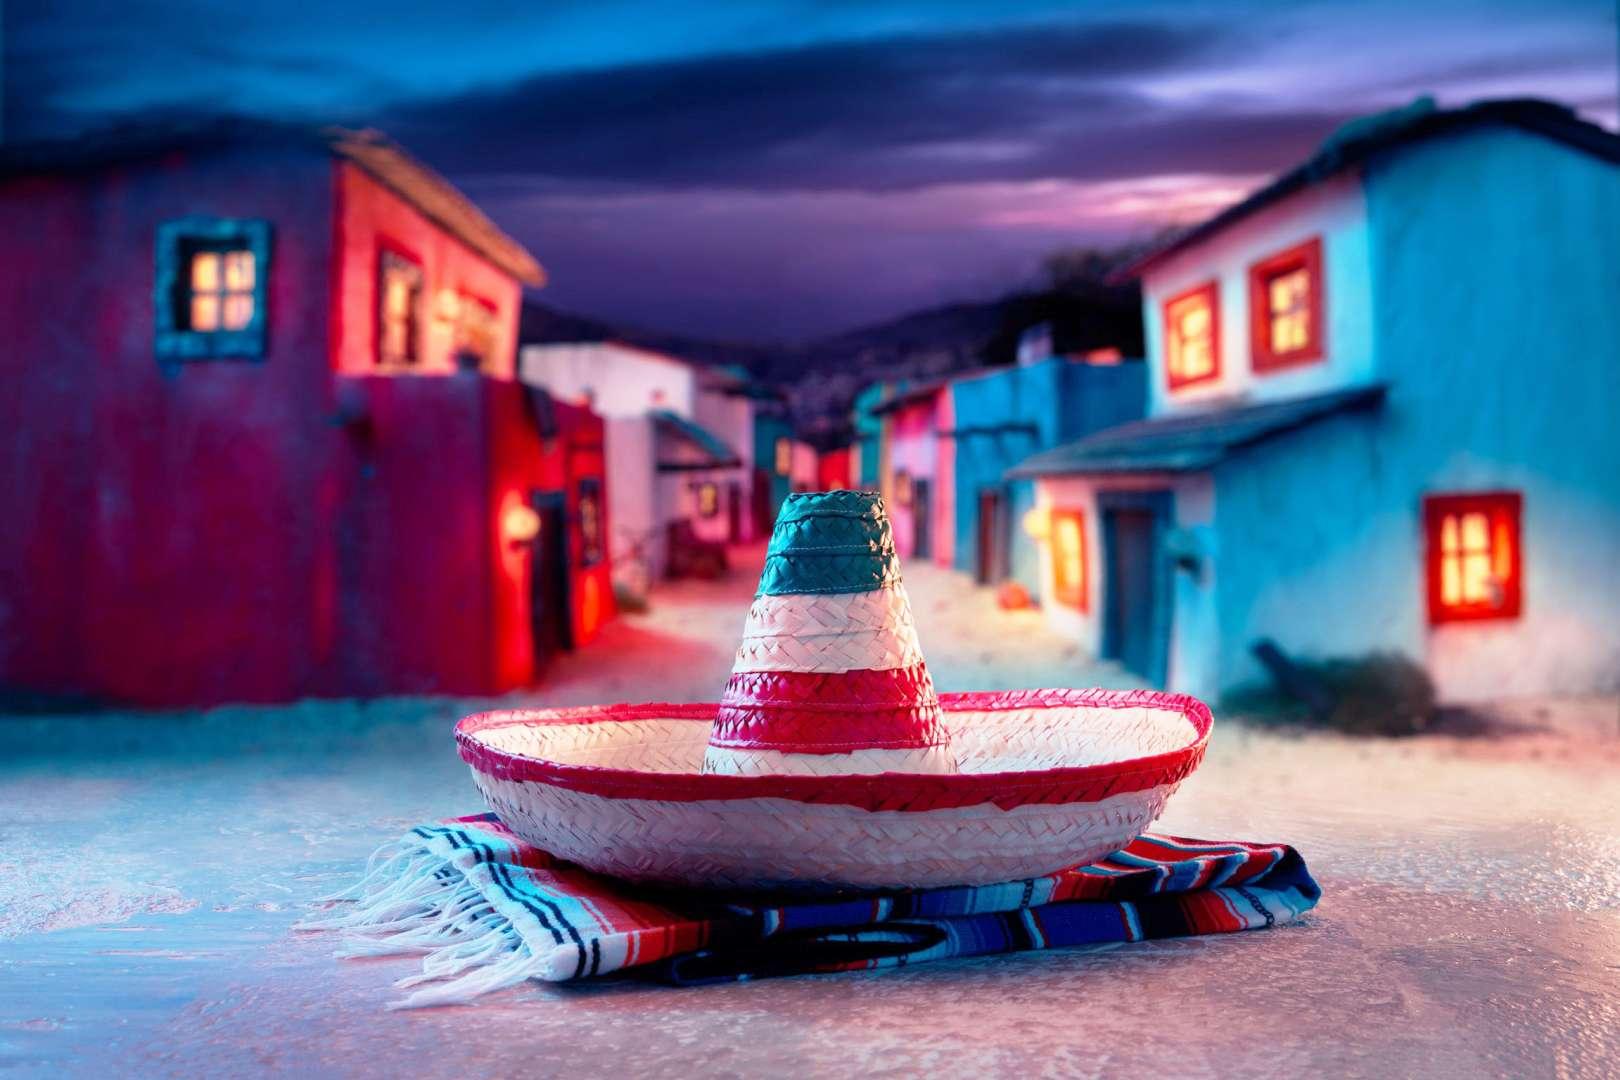 Mexocan Sombrero